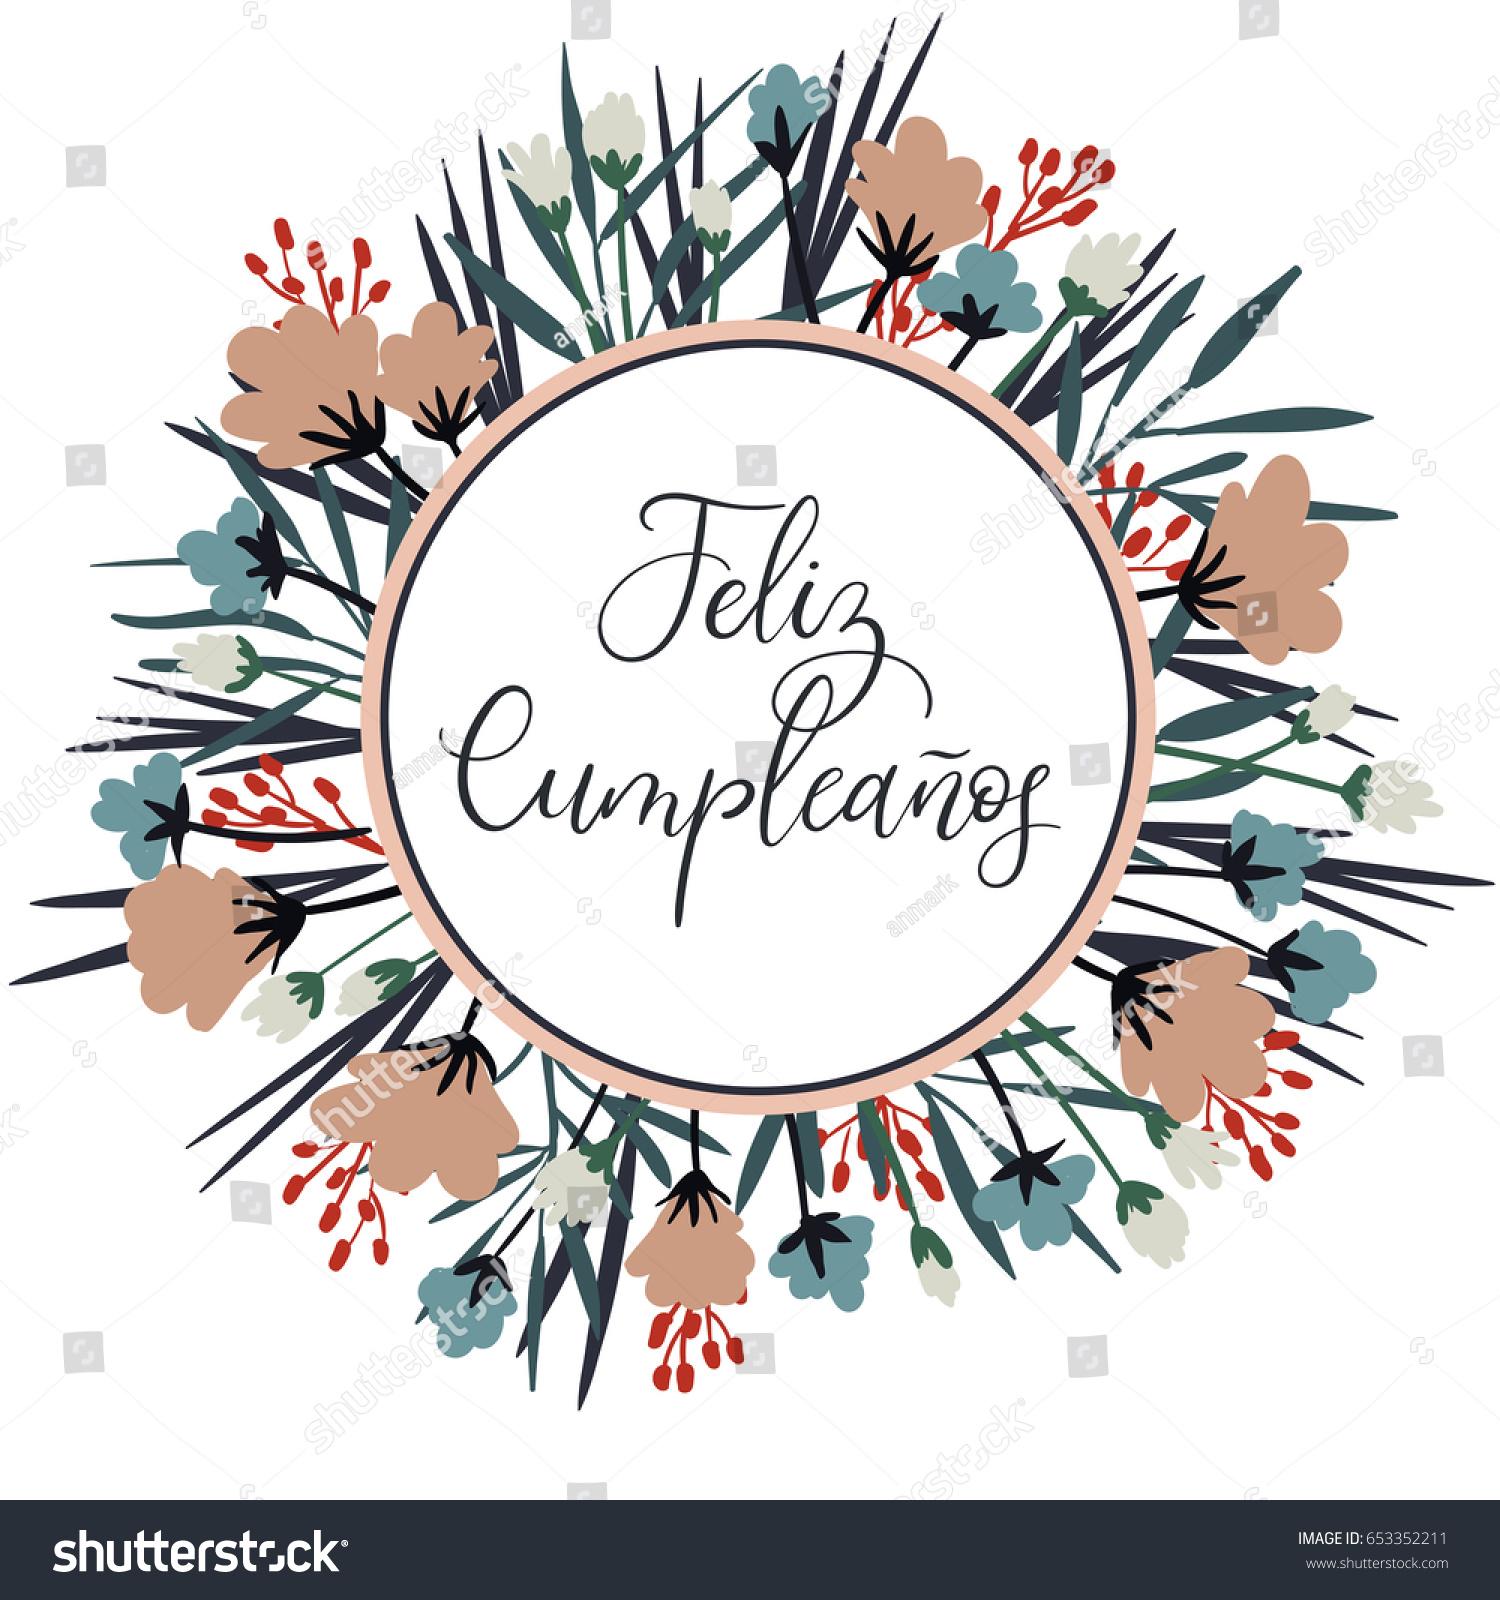 Feliz Cumpleanos Happy Birthday Spanish Calligraphy Stock Vector